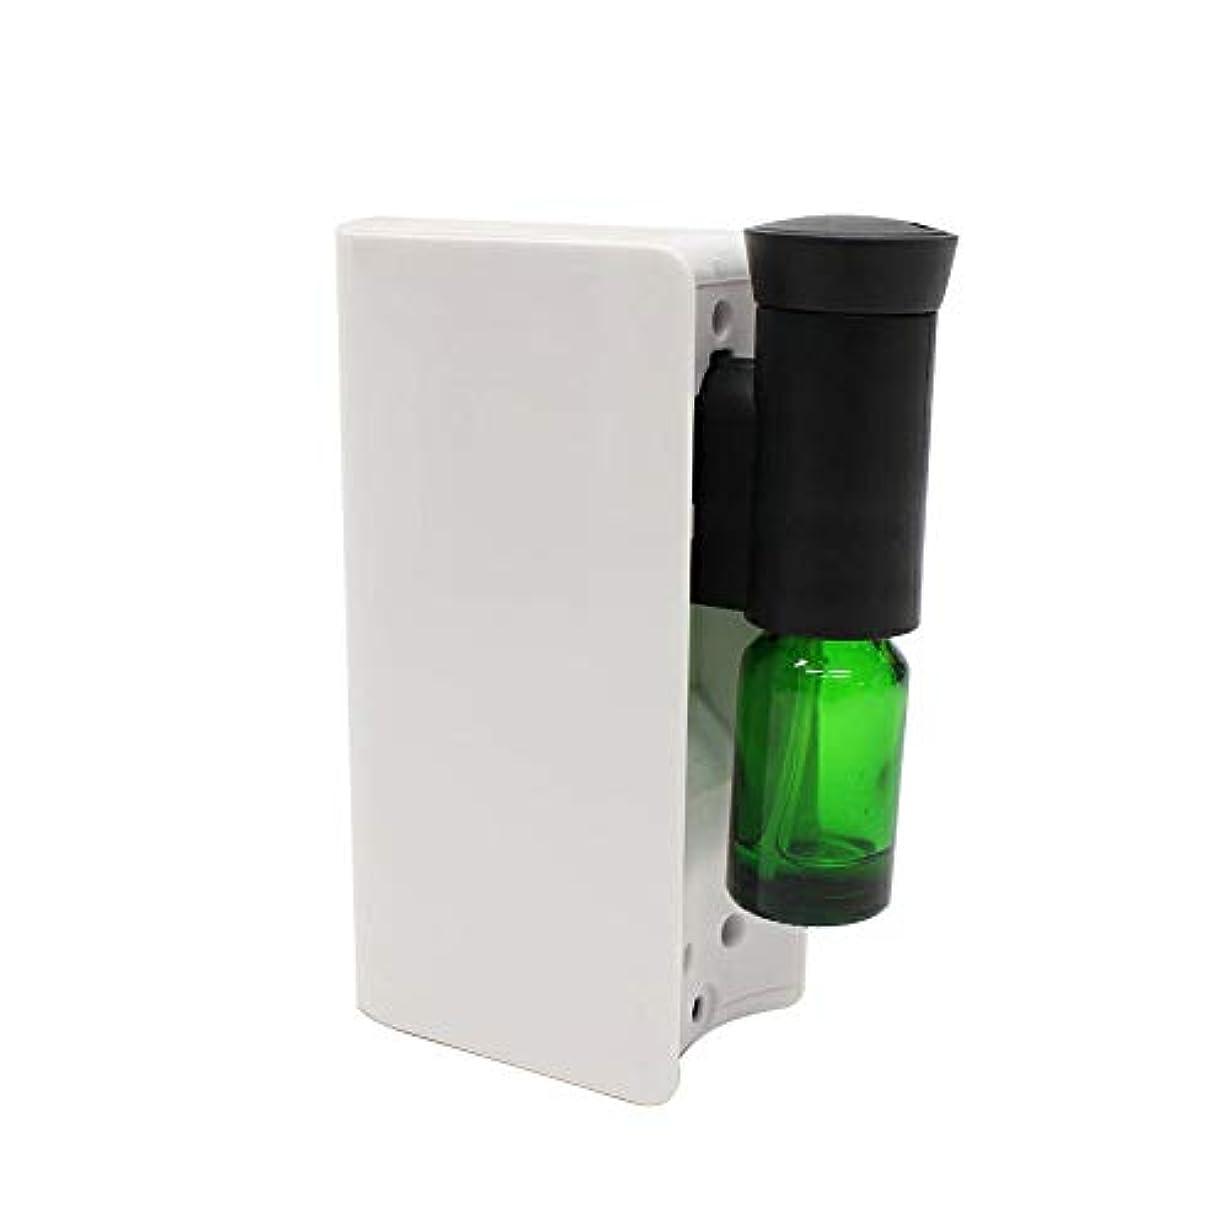 列挙する理容師上にアロマ ディフューザー 電池式アロマディフューザー 水を使わない ネブライザー式 アロマオイル対応 自動停止 ECOモード搭載 香り 癒し シンプル コンパクト ホワイト